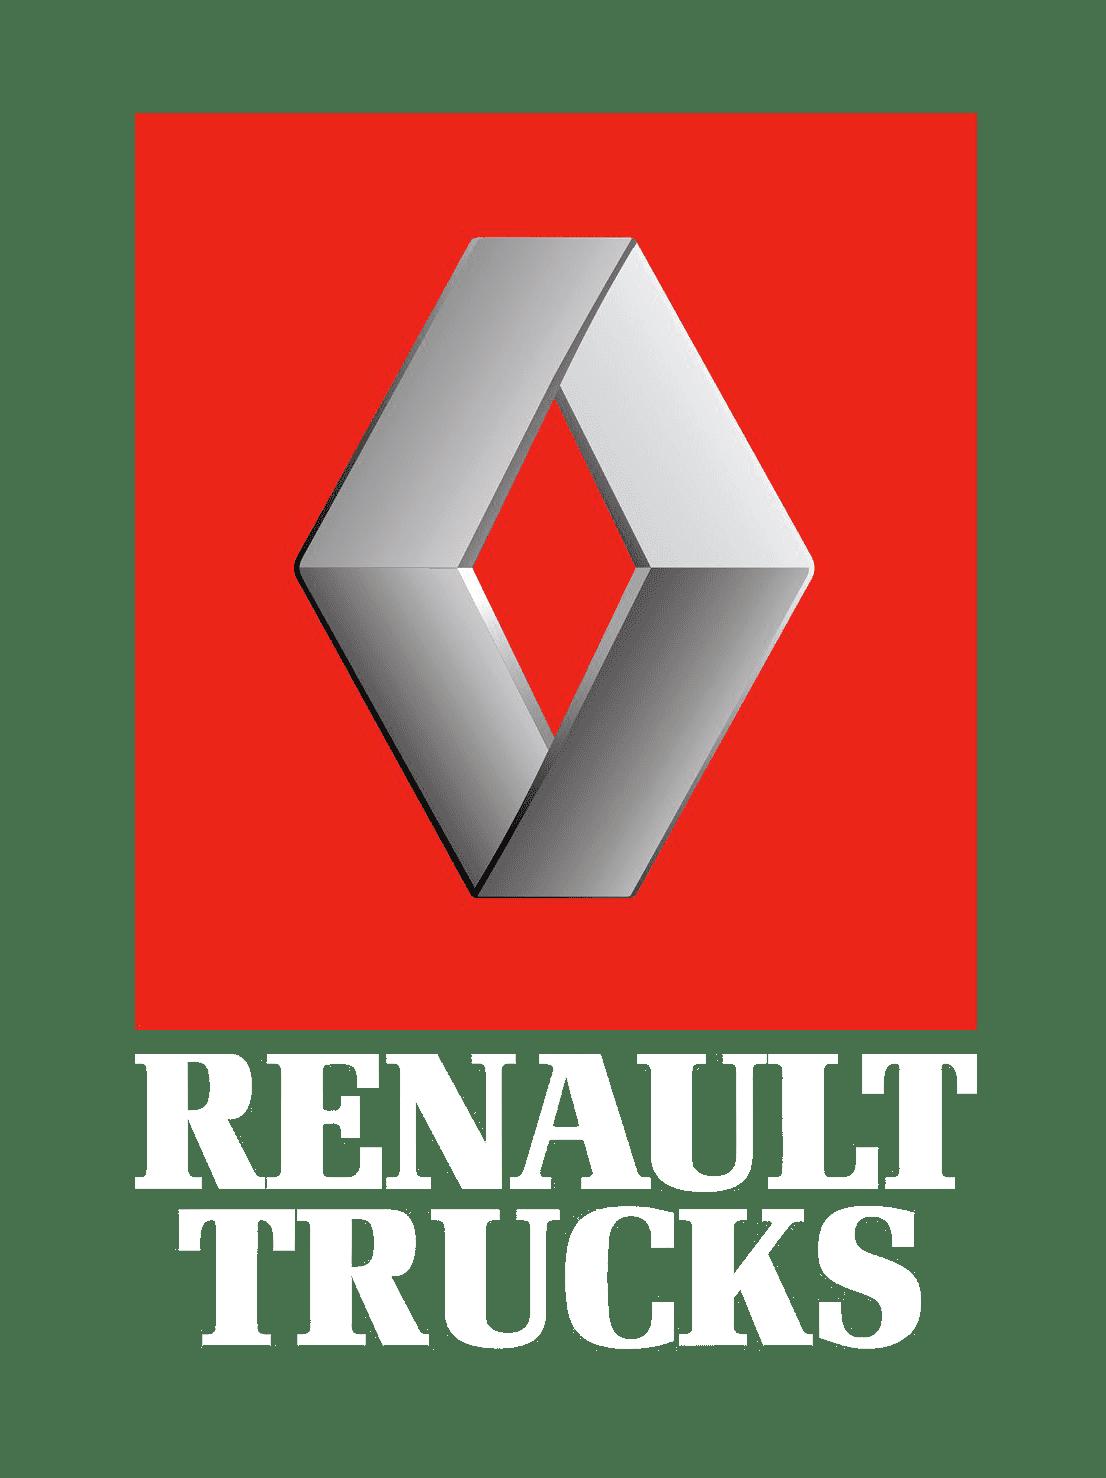 VEHÍCULOS INDUSTRIALES SANTA CRUZ, Servicio Oficial Renault Truck en  Caravaca de la Cruz (Murcia)